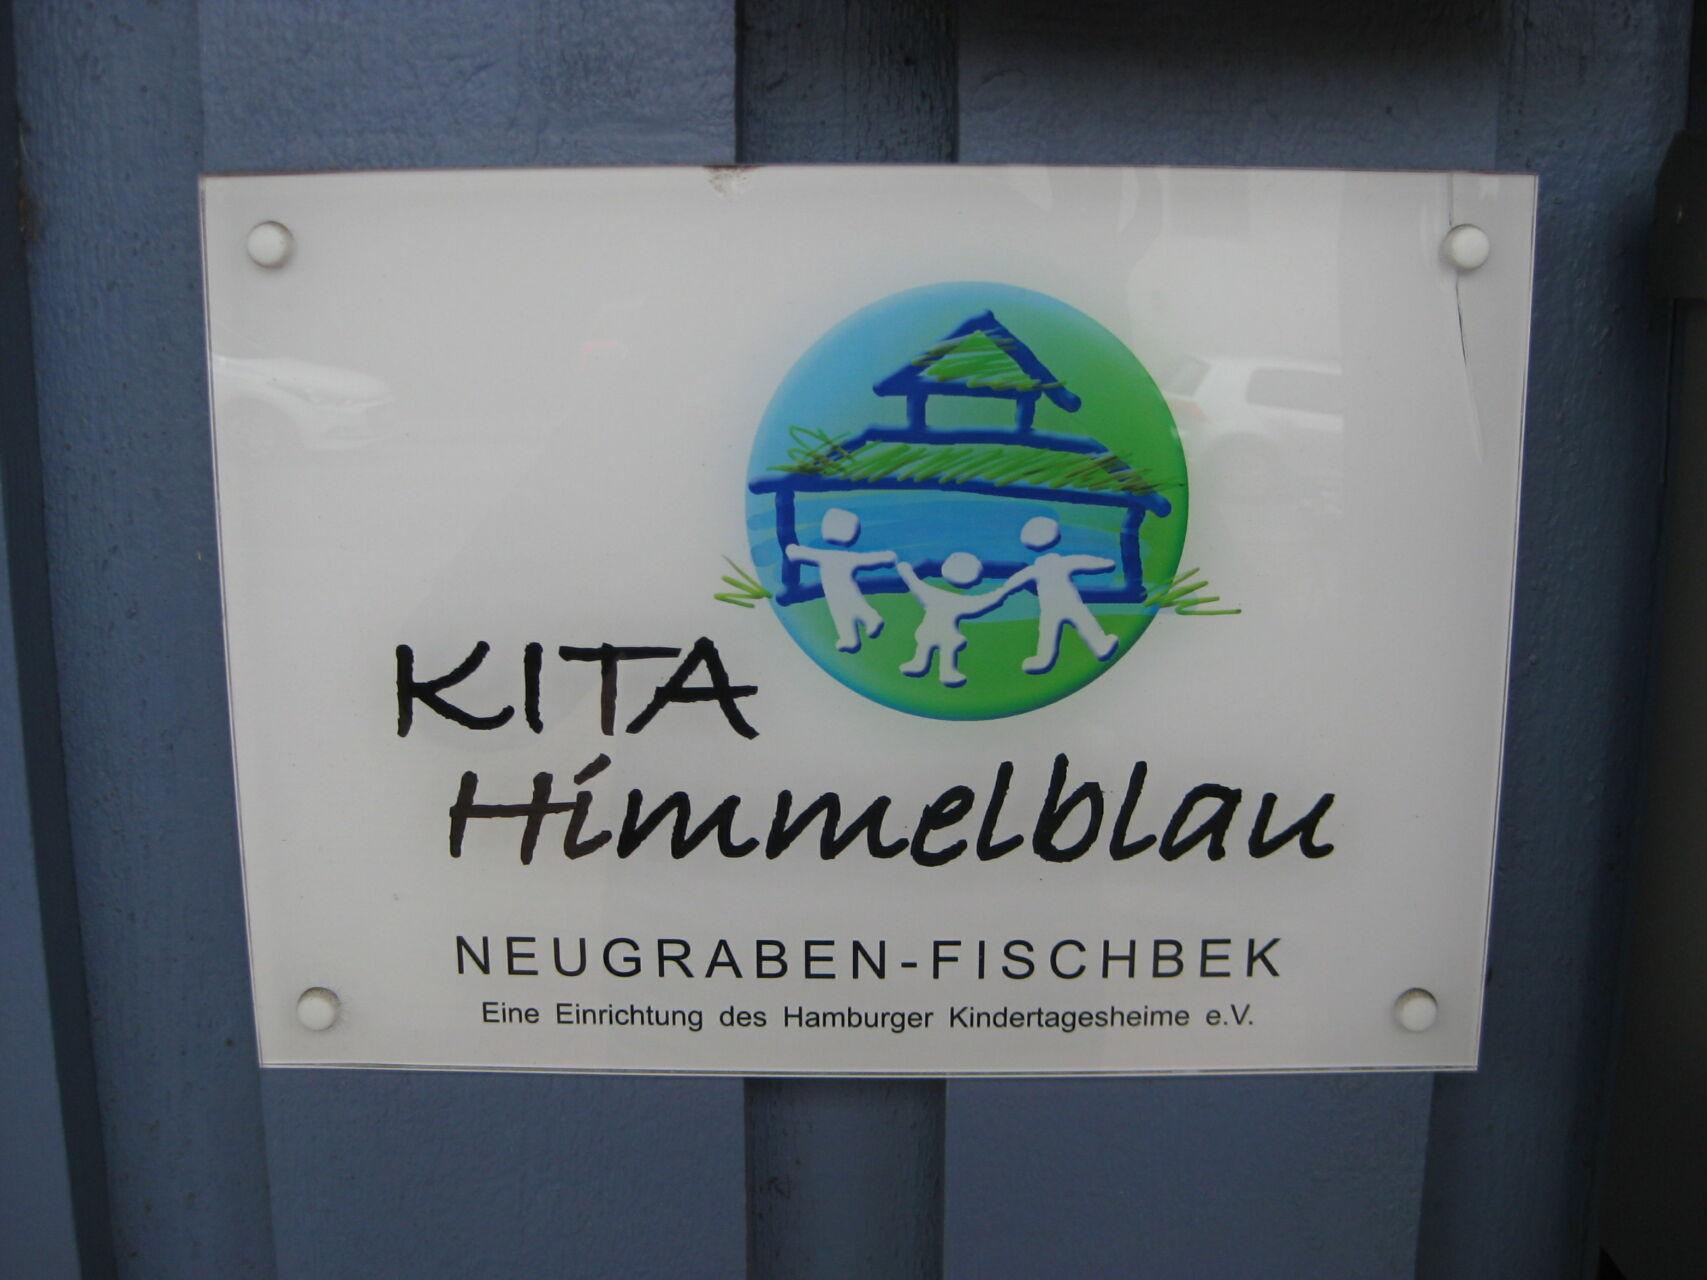 Flohmarkt in der Kita Himmelblau Neugraben-Fischbek